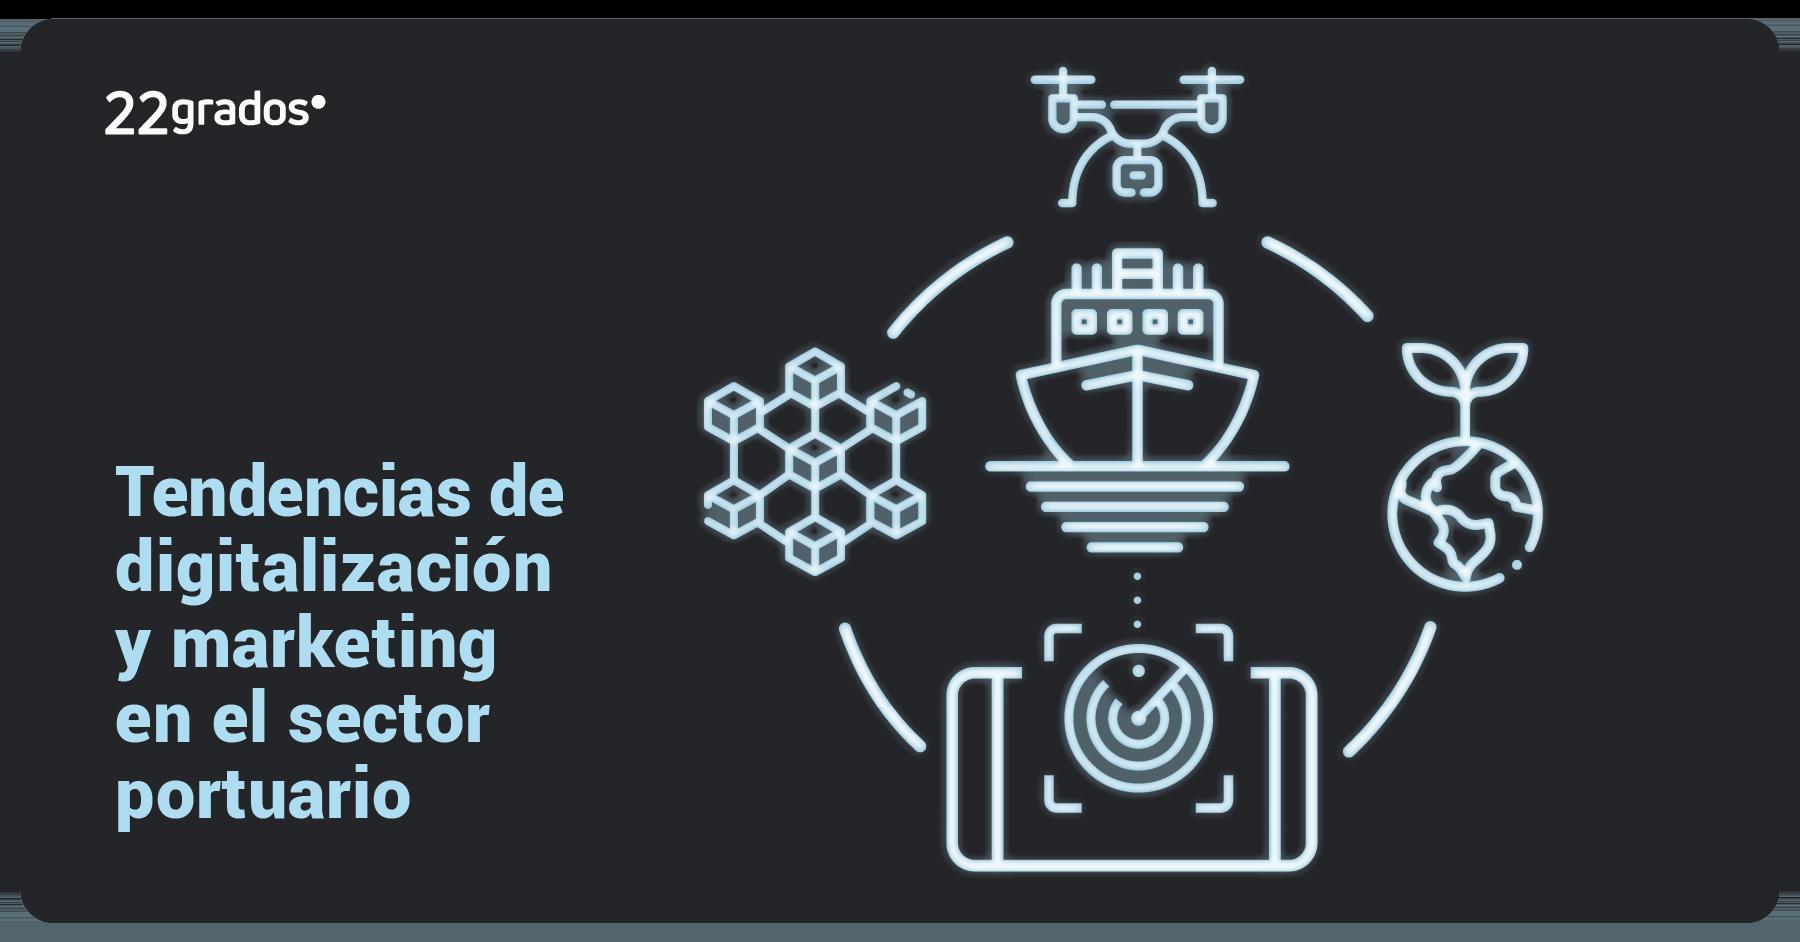 4 tendencias de digitalización y marketing en el sector portuario